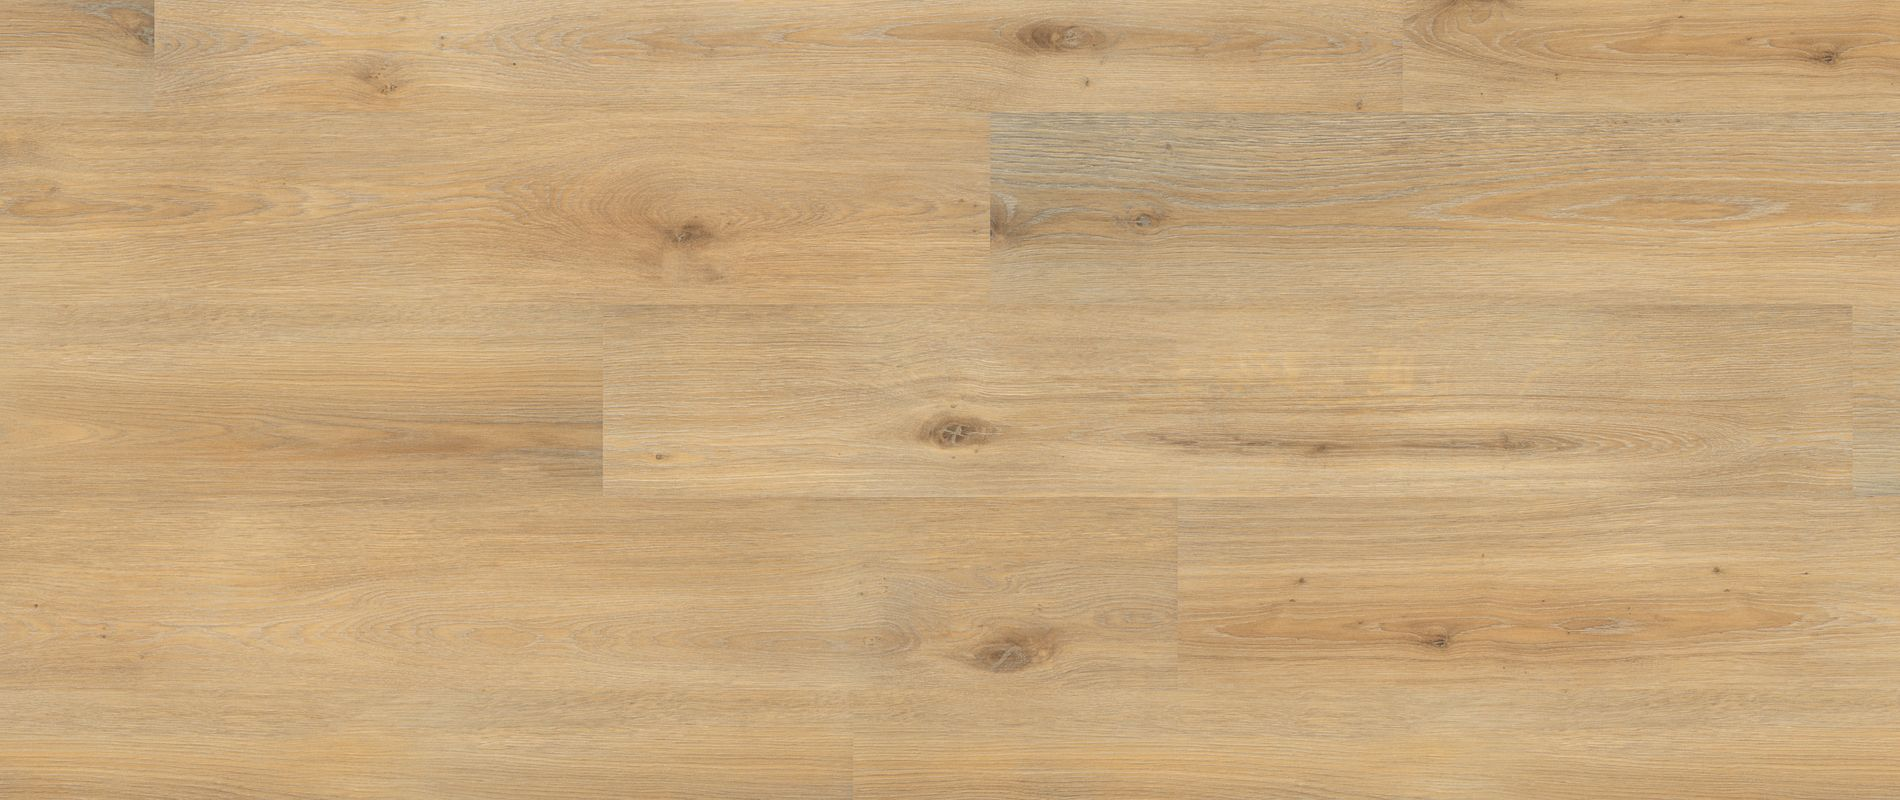 vinyl kaufen perfect bodenyou brushed oak medium. Black Bedroom Furniture Sets. Home Design Ideas